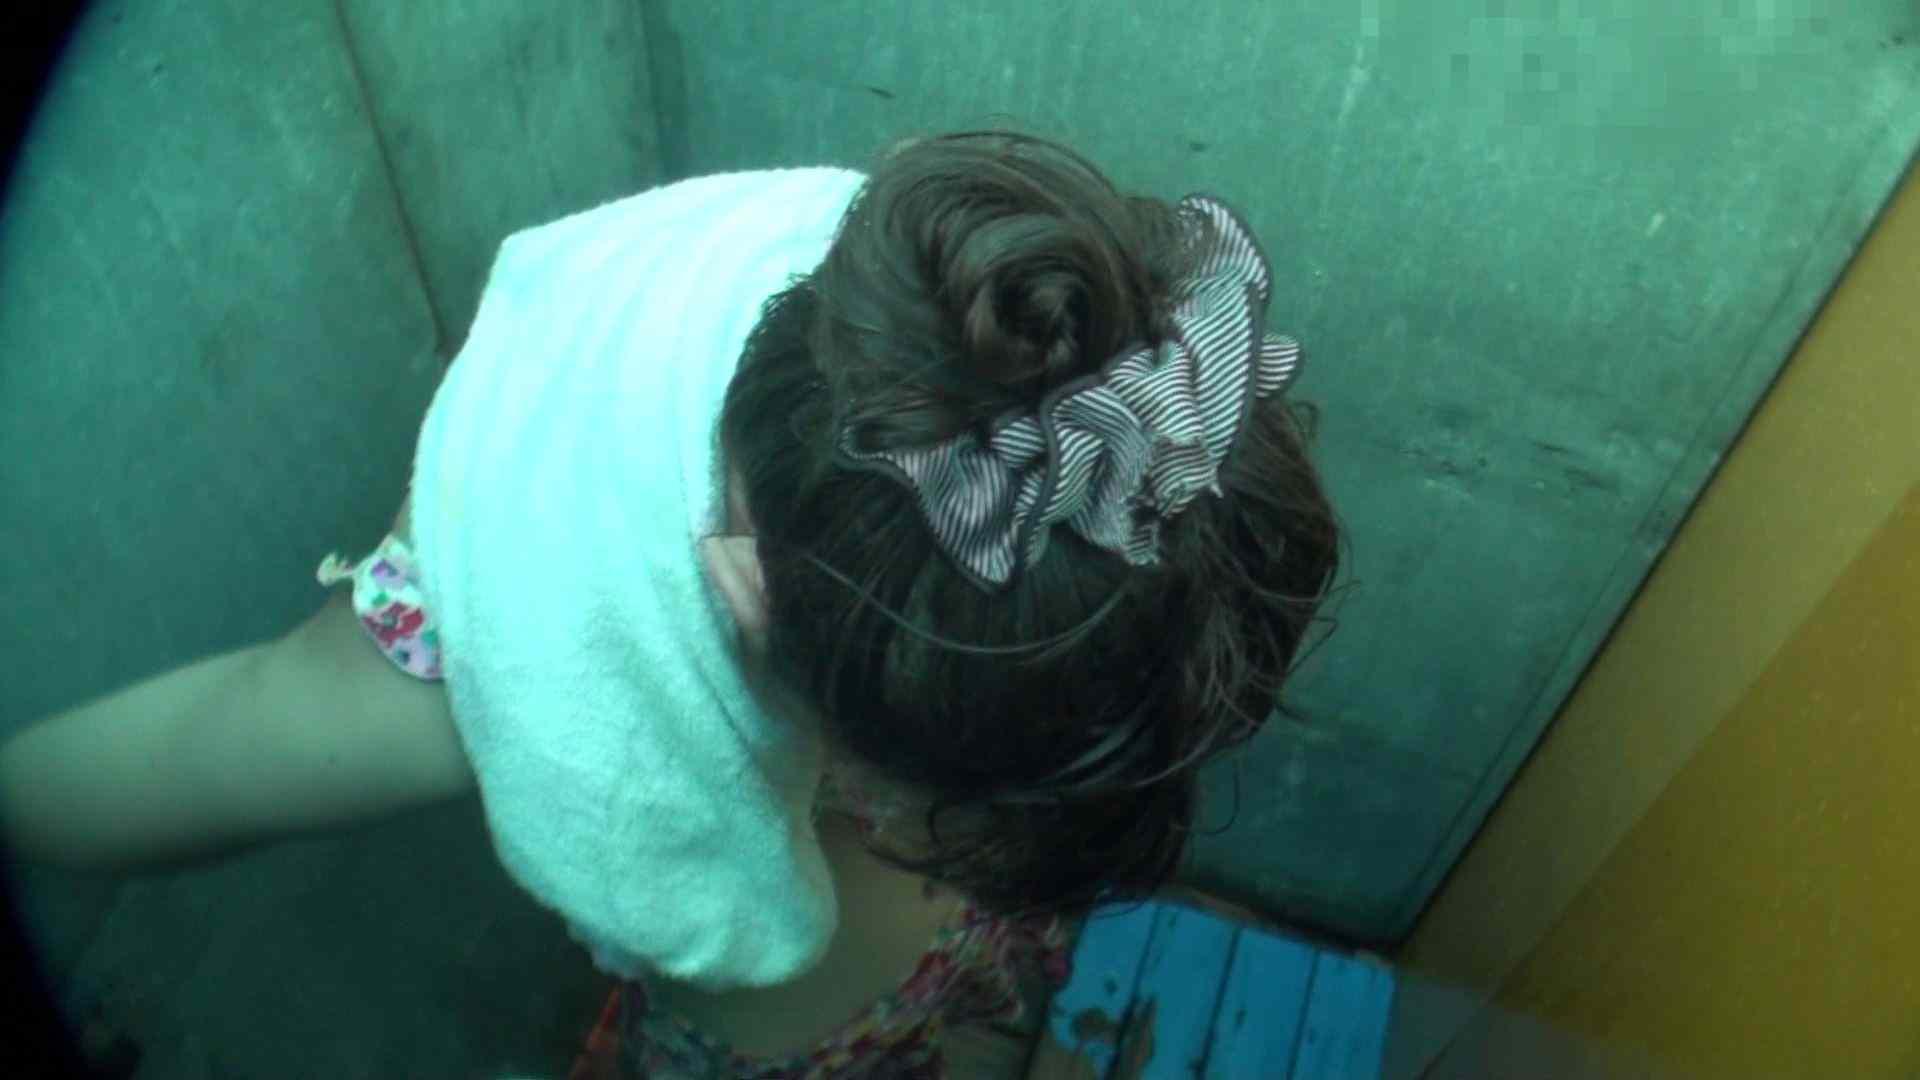 シャワールームは超!!危険な香りVol.6 超至近距離から彼女を凝視!! OLヌード天国  82PIX 18